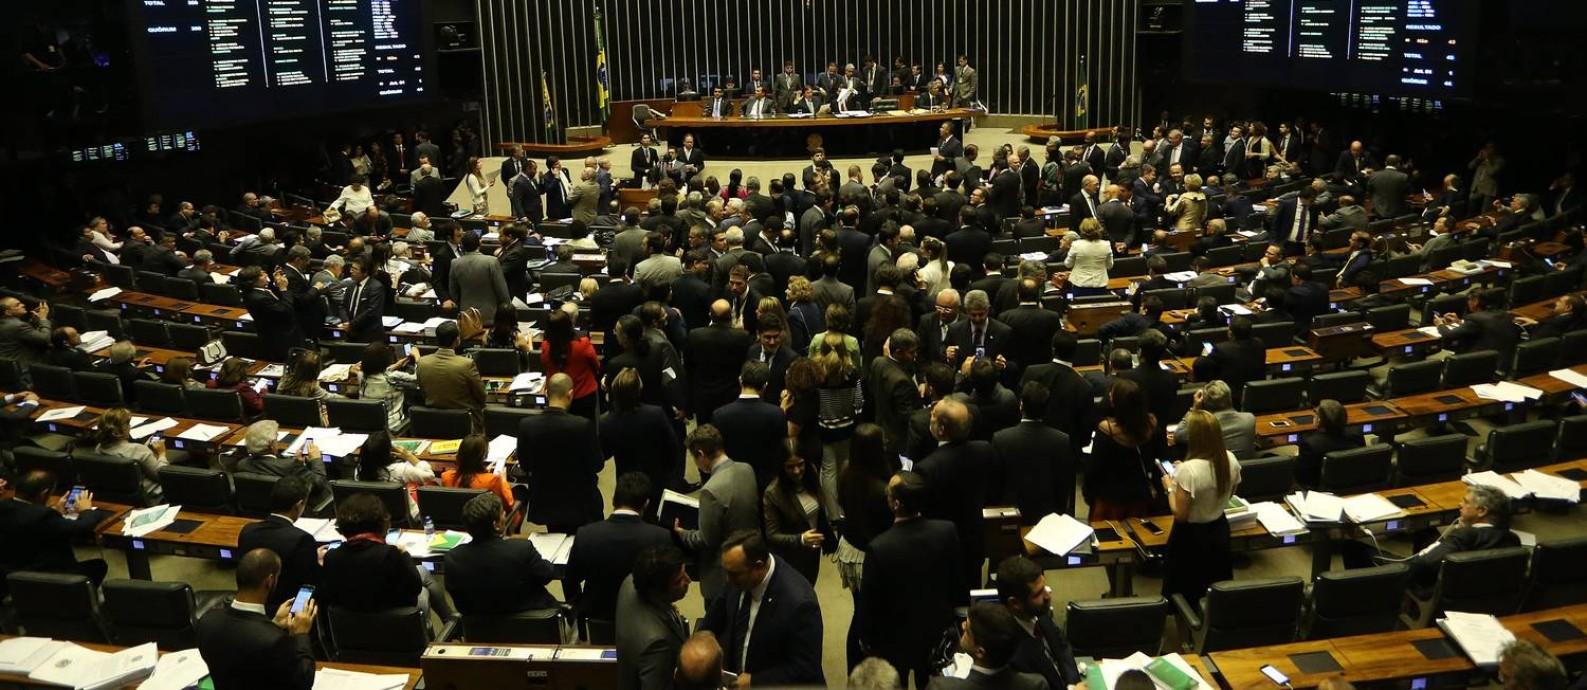 Congresso Nacional é dominado por homens Foto: Ailton de Freitas / Agência O Globo/22-11-2017